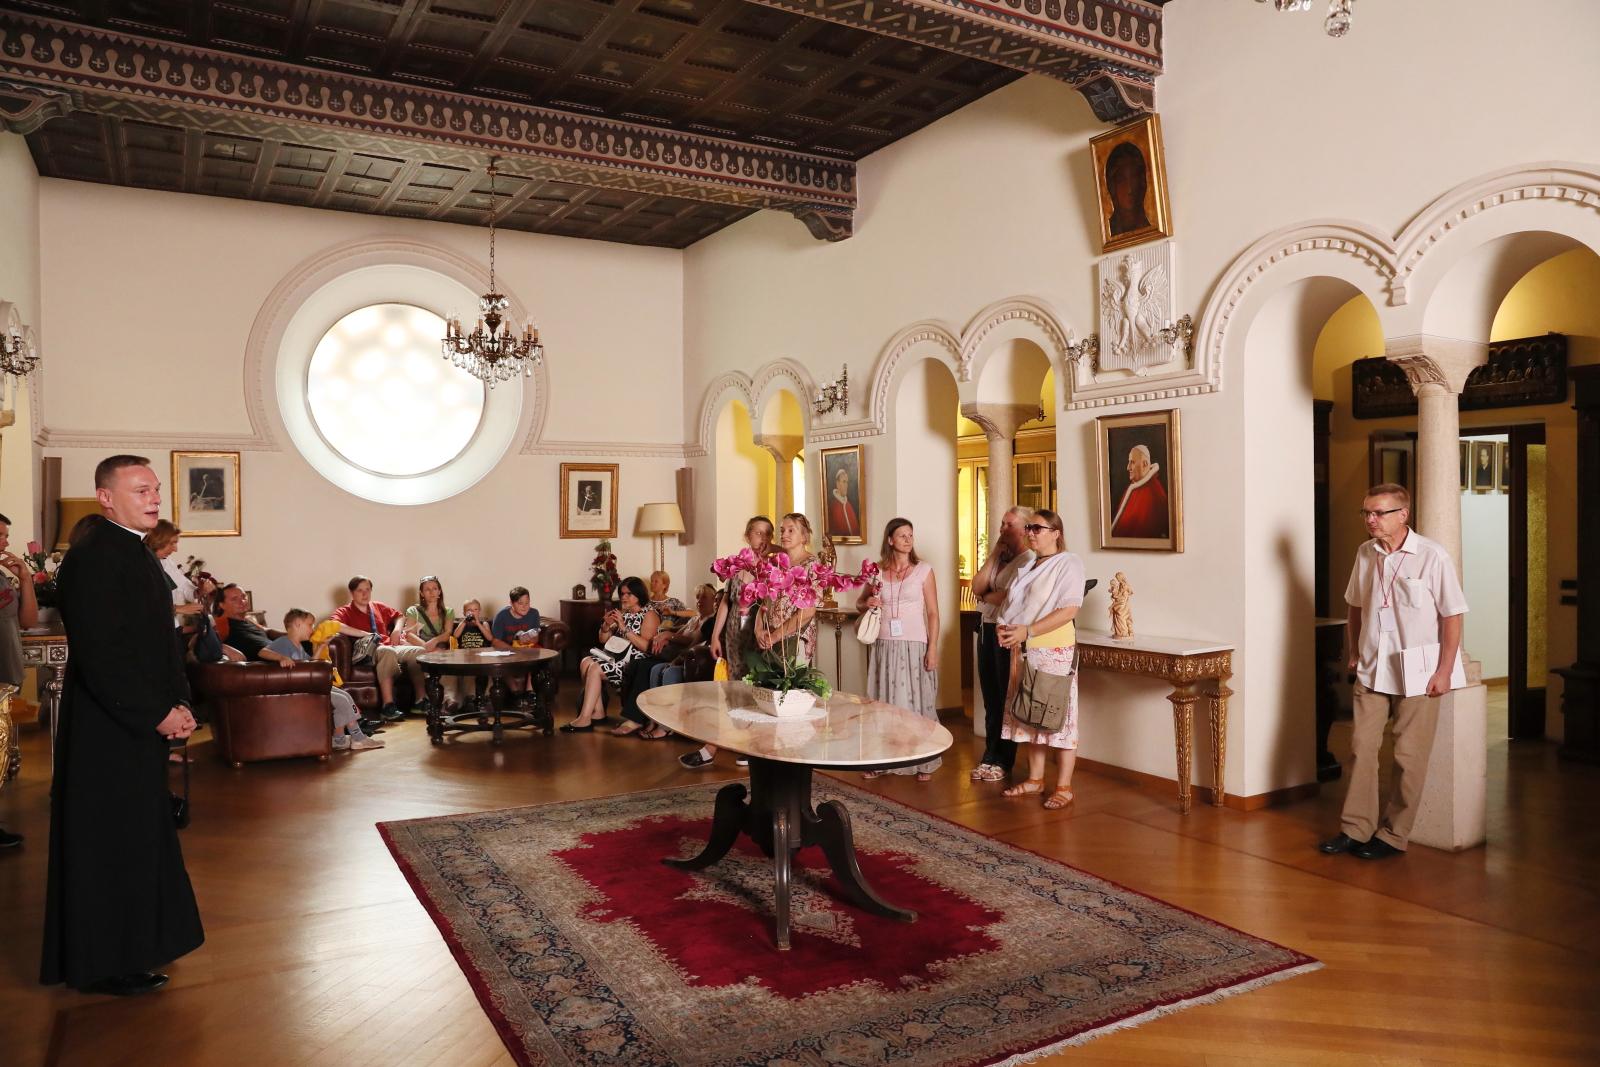 Wizyta w Polskim Papieskim Instytucie Kościelnym na Via Pietro Cavallini. fot: PAP/Grzegorz Gałązka